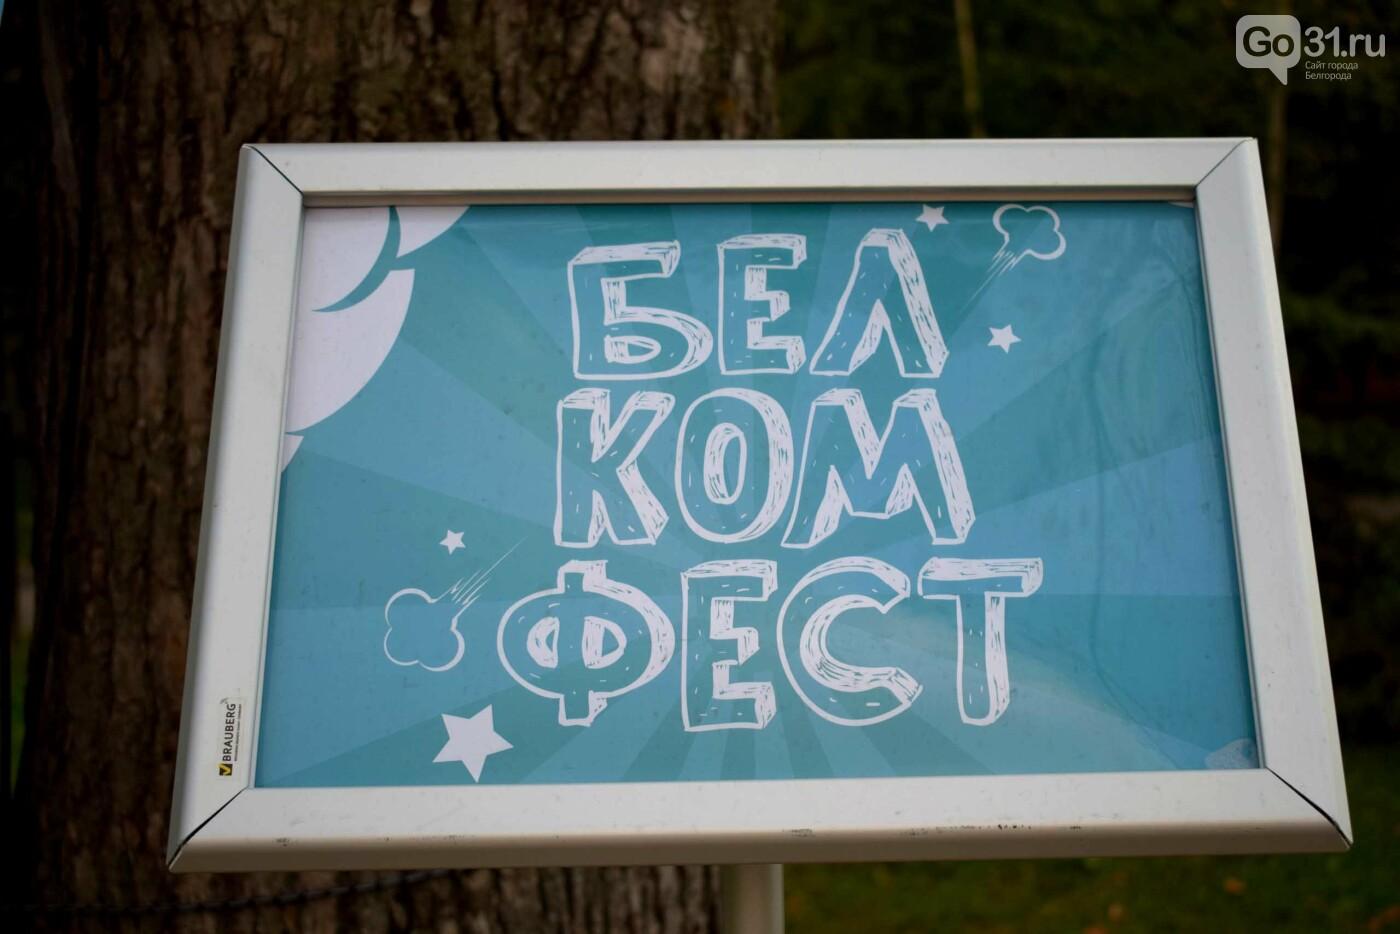 Комиксы, куклы, карильон. В Белгороде прошёл фестиваль «Я – в культуре. Культура – во мне», фото-5